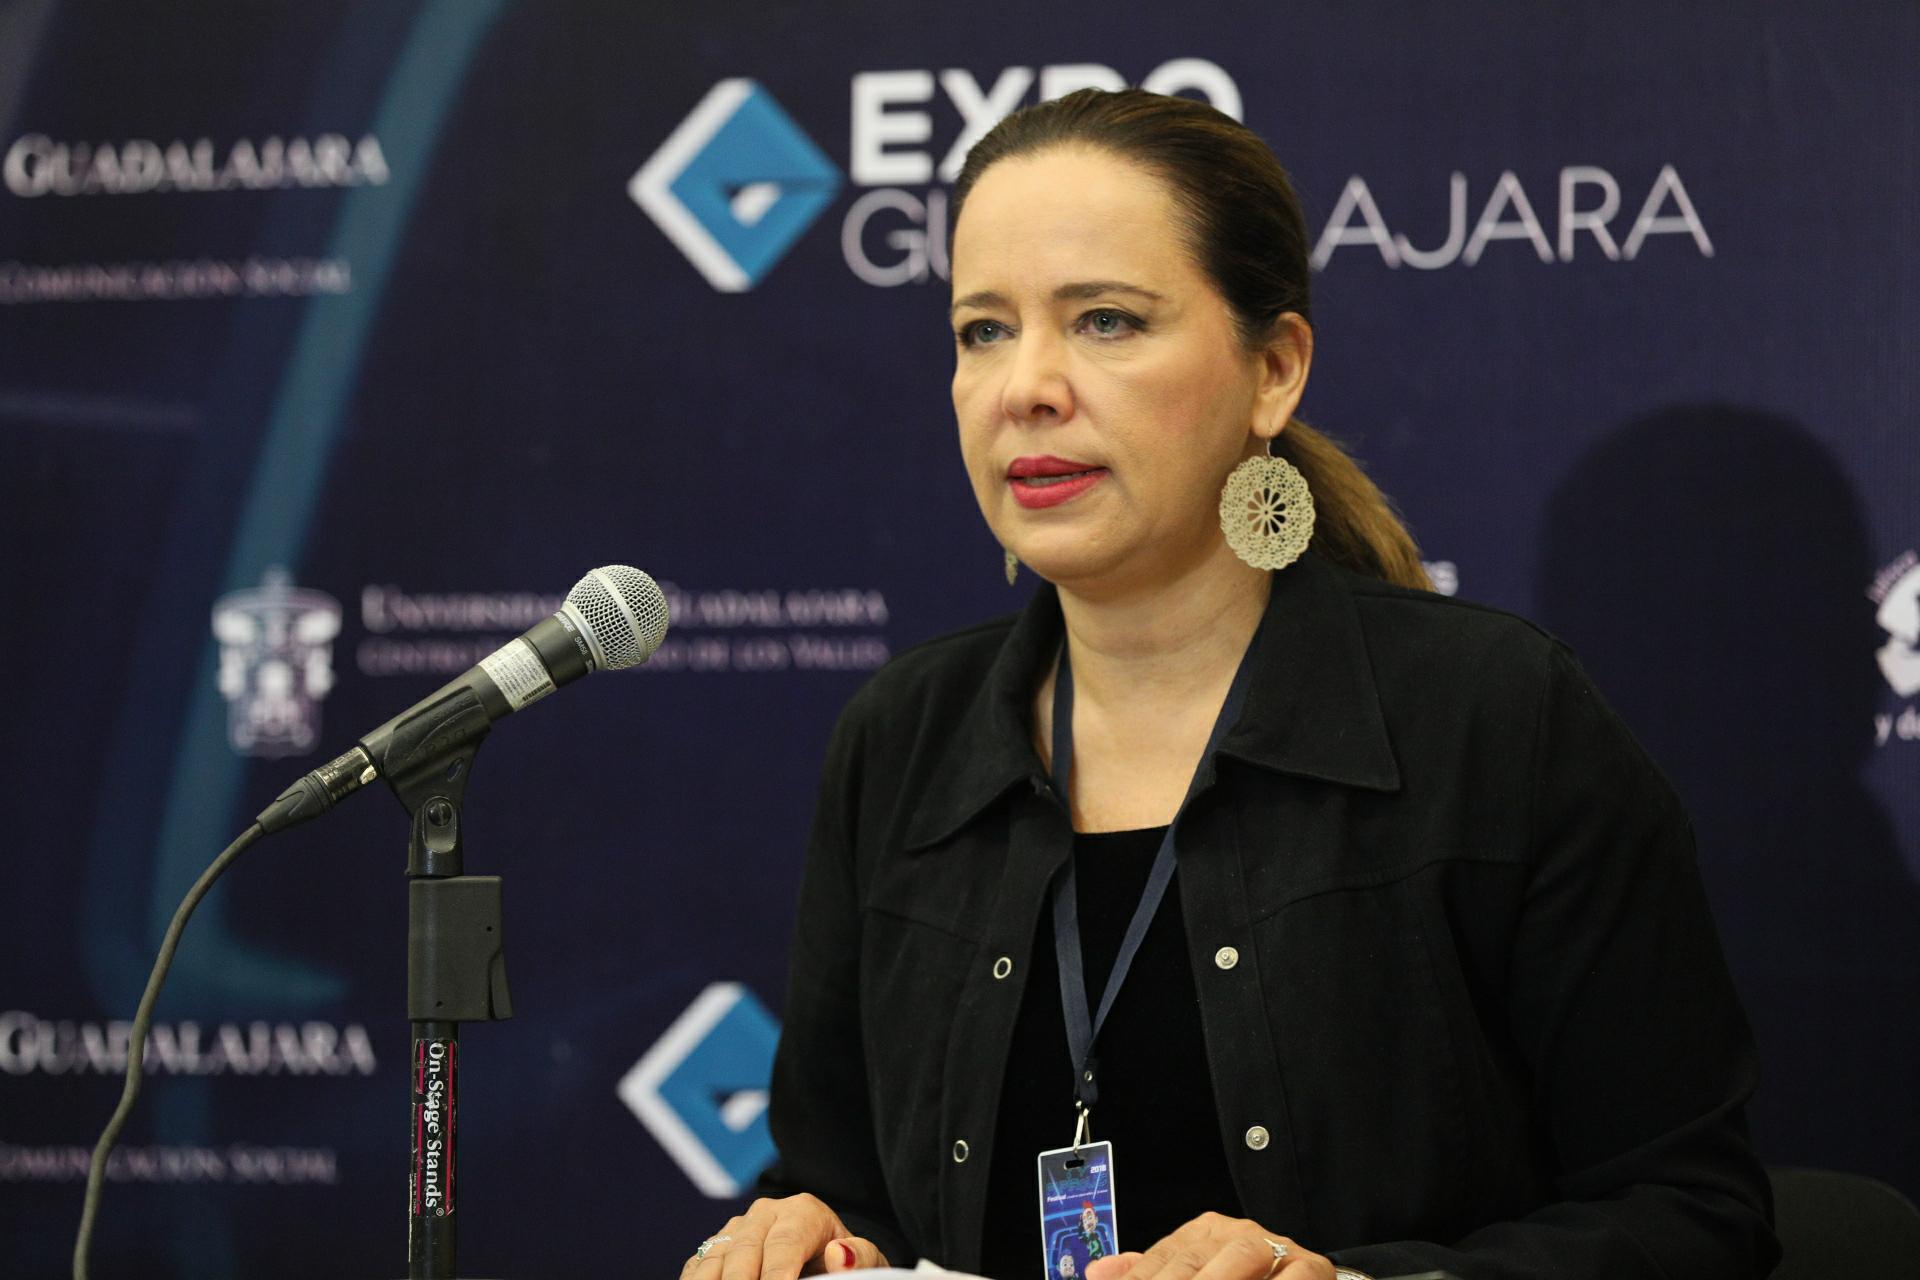 Directora de Papirolas, Marcela García Bátiz, haciendo uso de la palabra  durante la rueda de prensa